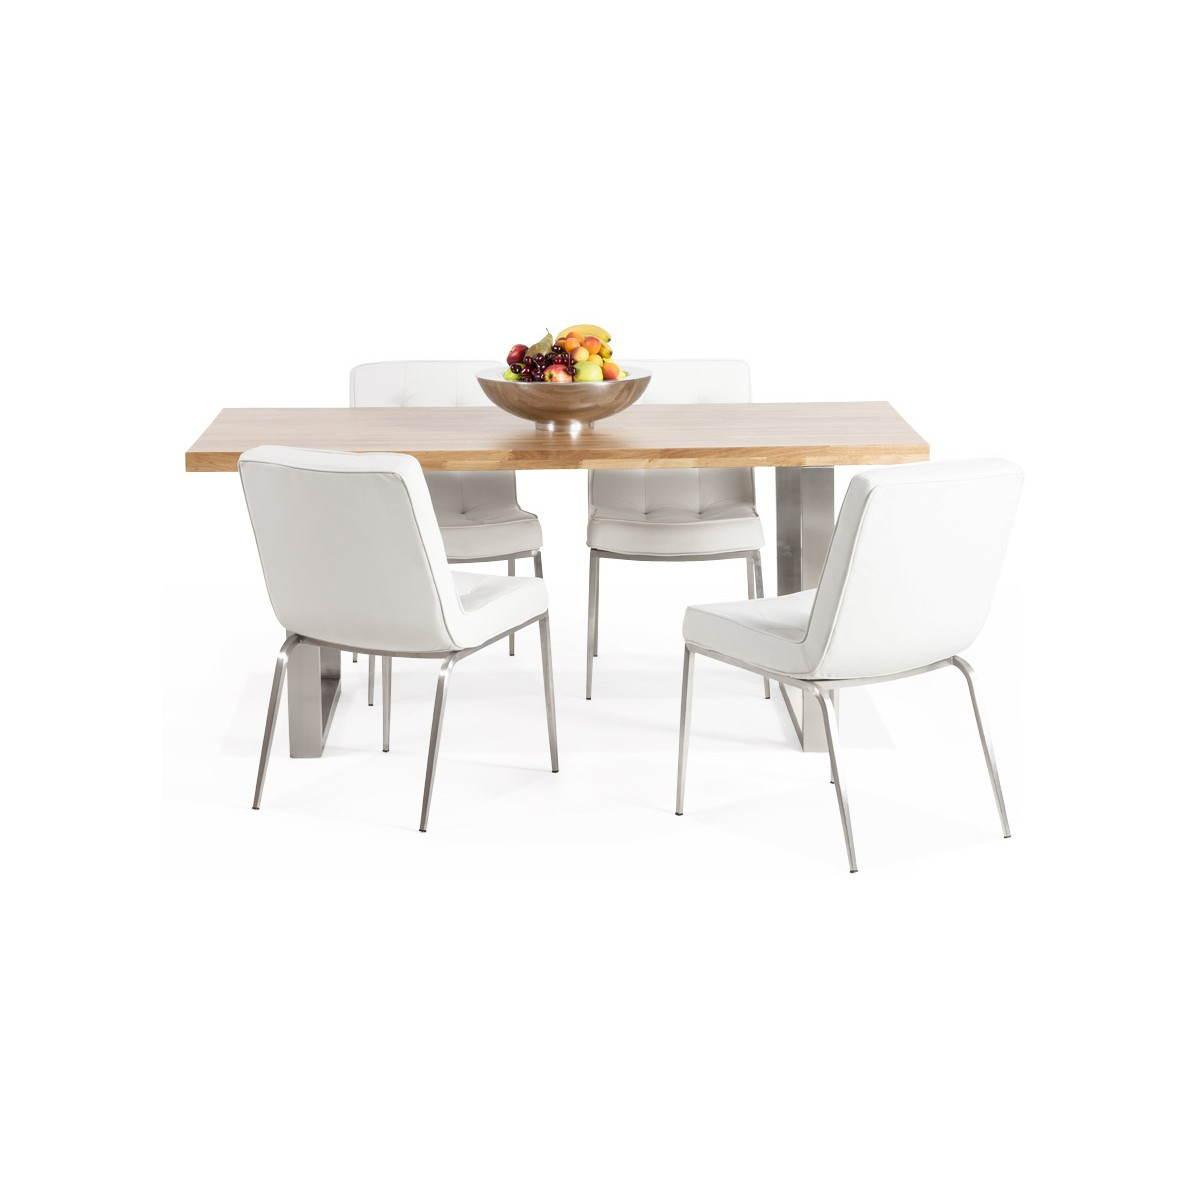 salle a manger moderne d 39 occasion belgique salle a manger moderne de qualite salle a manger. Black Bedroom Furniture Sets. Home Design Ideas